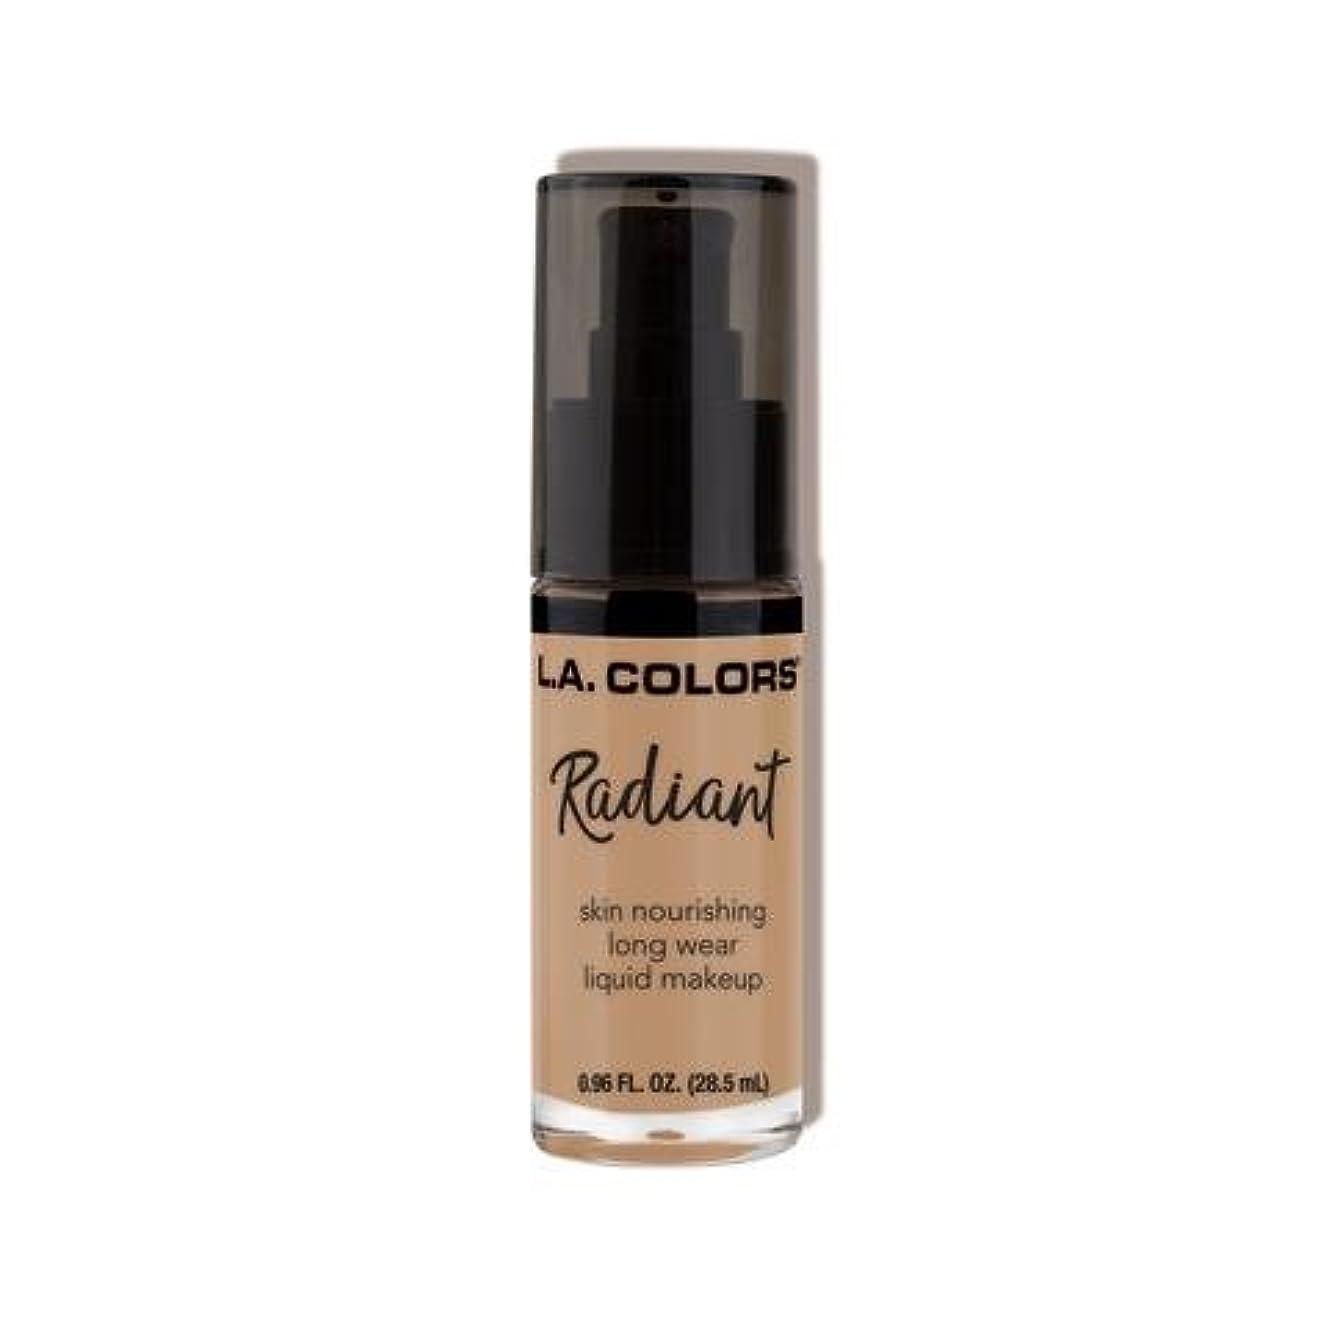 ちょっと待ってメンター連想(6 Pack) L.A. COLORS Radiant Liquid Makeup - Medium Beige (並行輸入品)